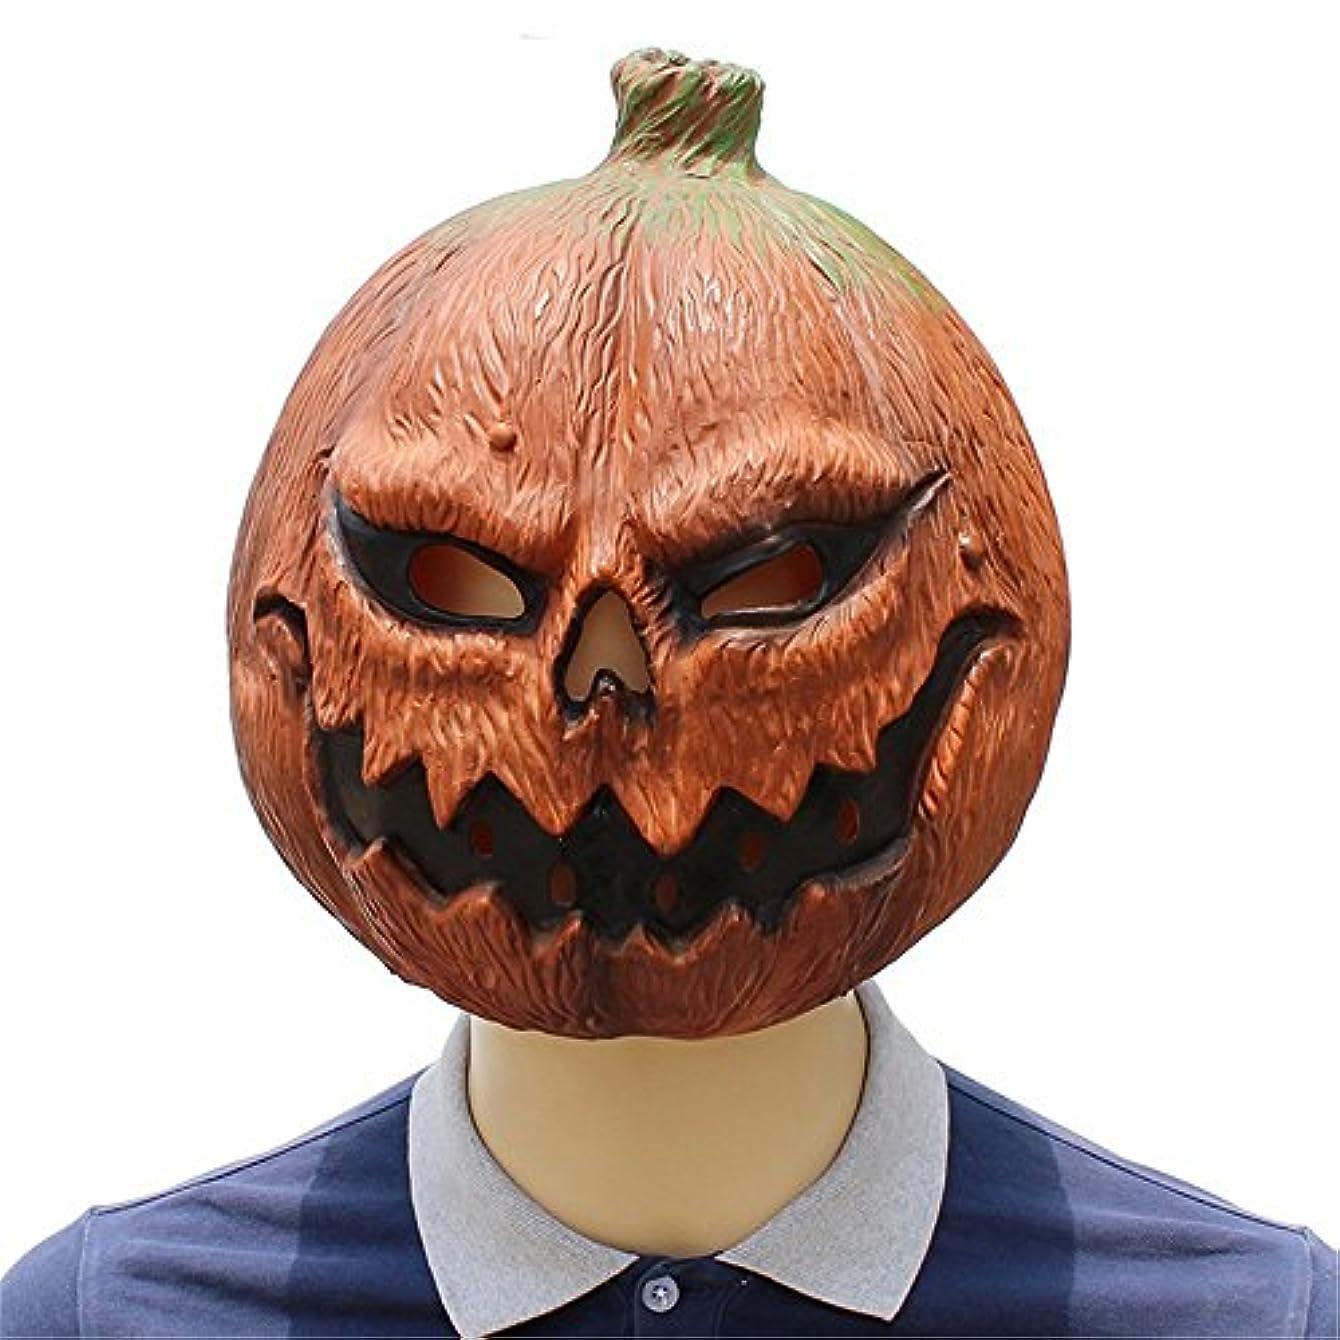 ライセンス二週間感嘆ハロウィンパンプキンヘッドマスクホラー変な顔ラテックスダンスパーティードレス演劇装飾cos cosゴーストフェスティバル小道具